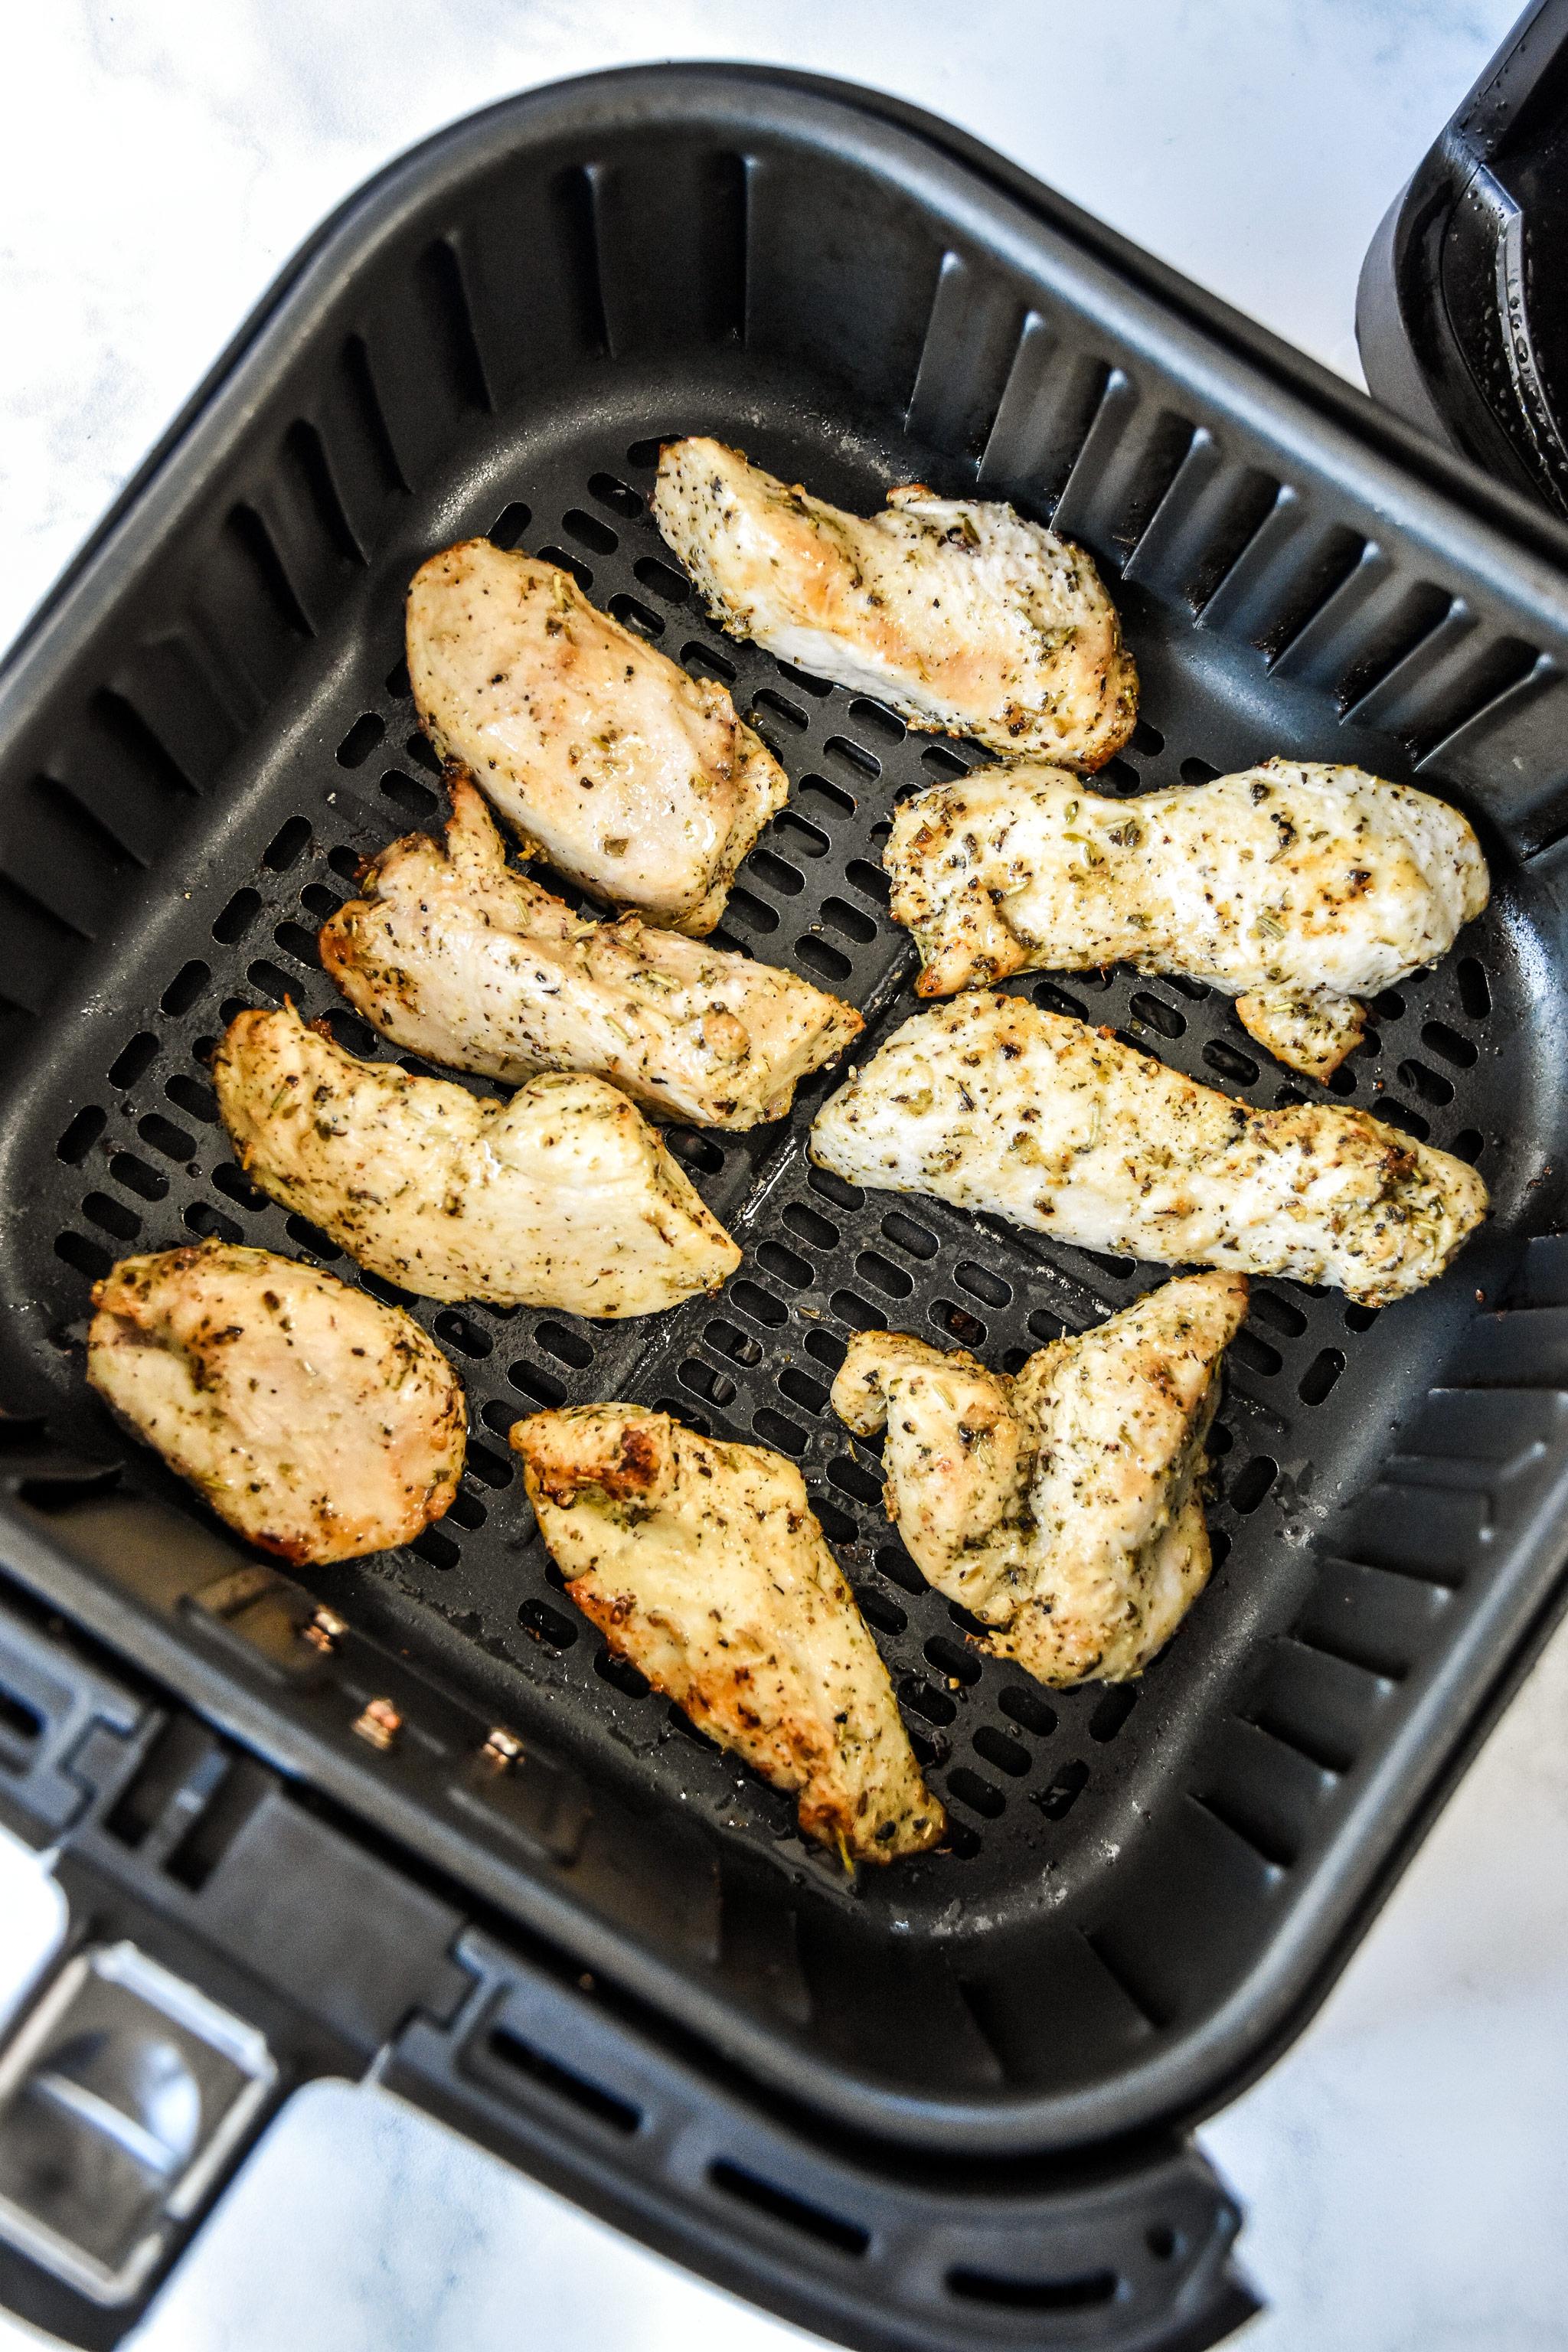 cooked air fryer chicken tenders in the air fryer basket.